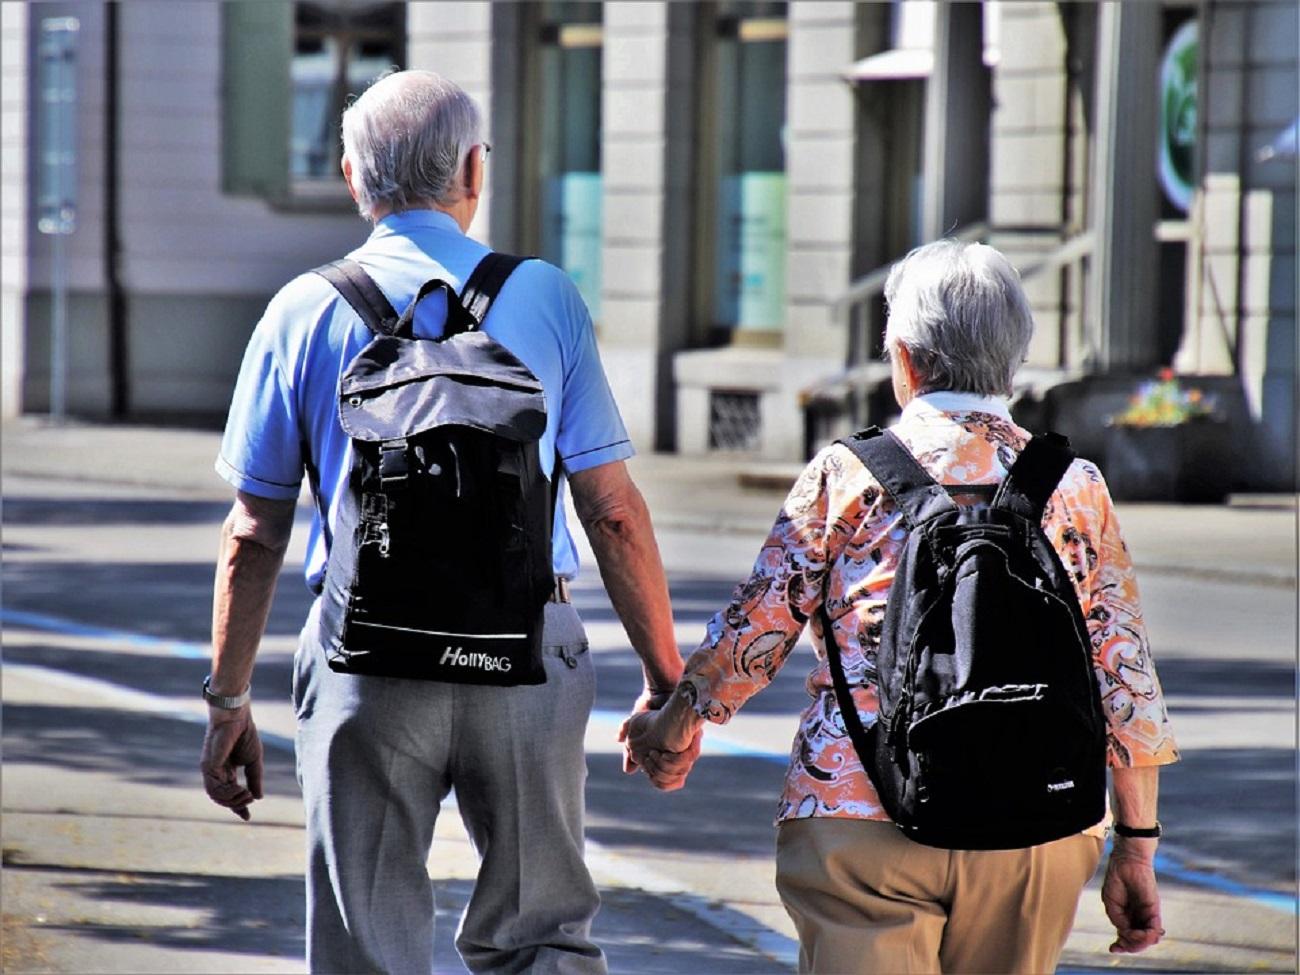 Pensione di vecchiaia a 67 e 71 anni, tutto quello che c'è da sapere